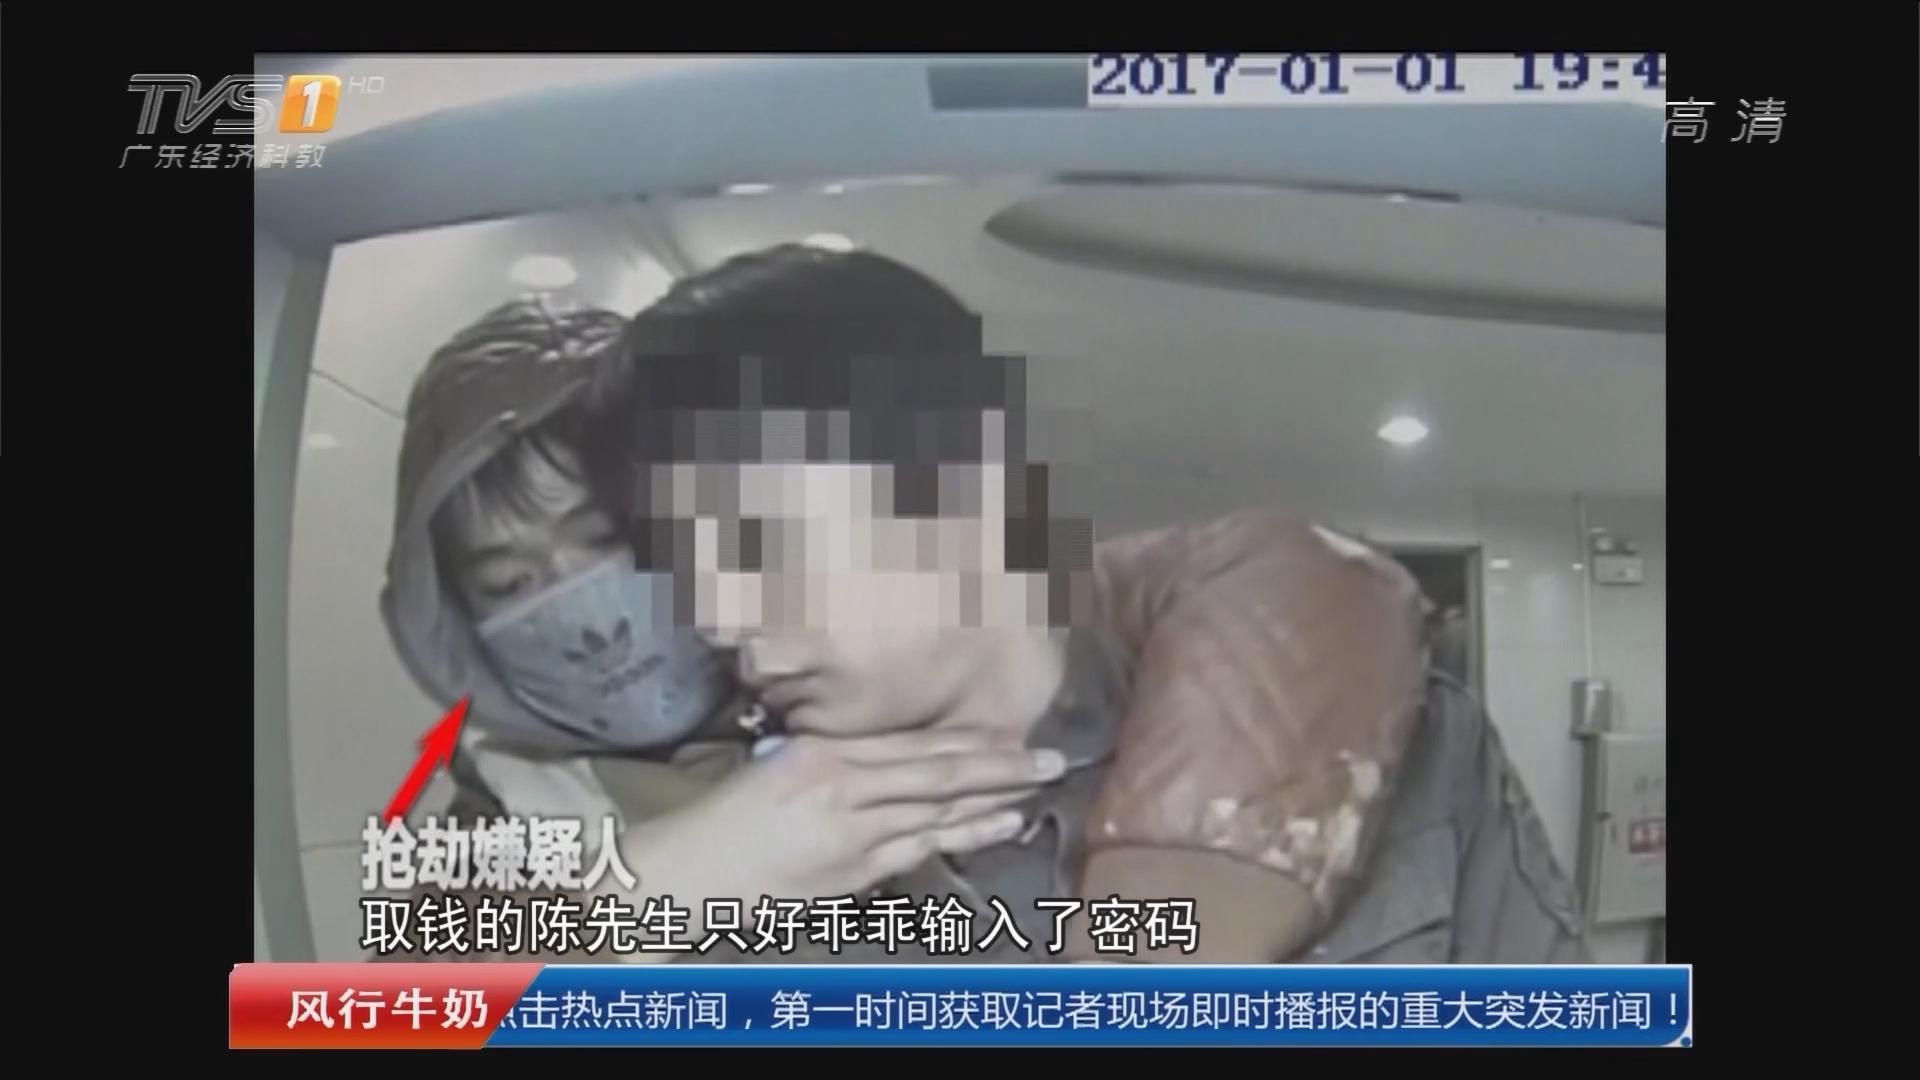 江门:柜员机前持刀抢劫 警方敦促疑犯自首